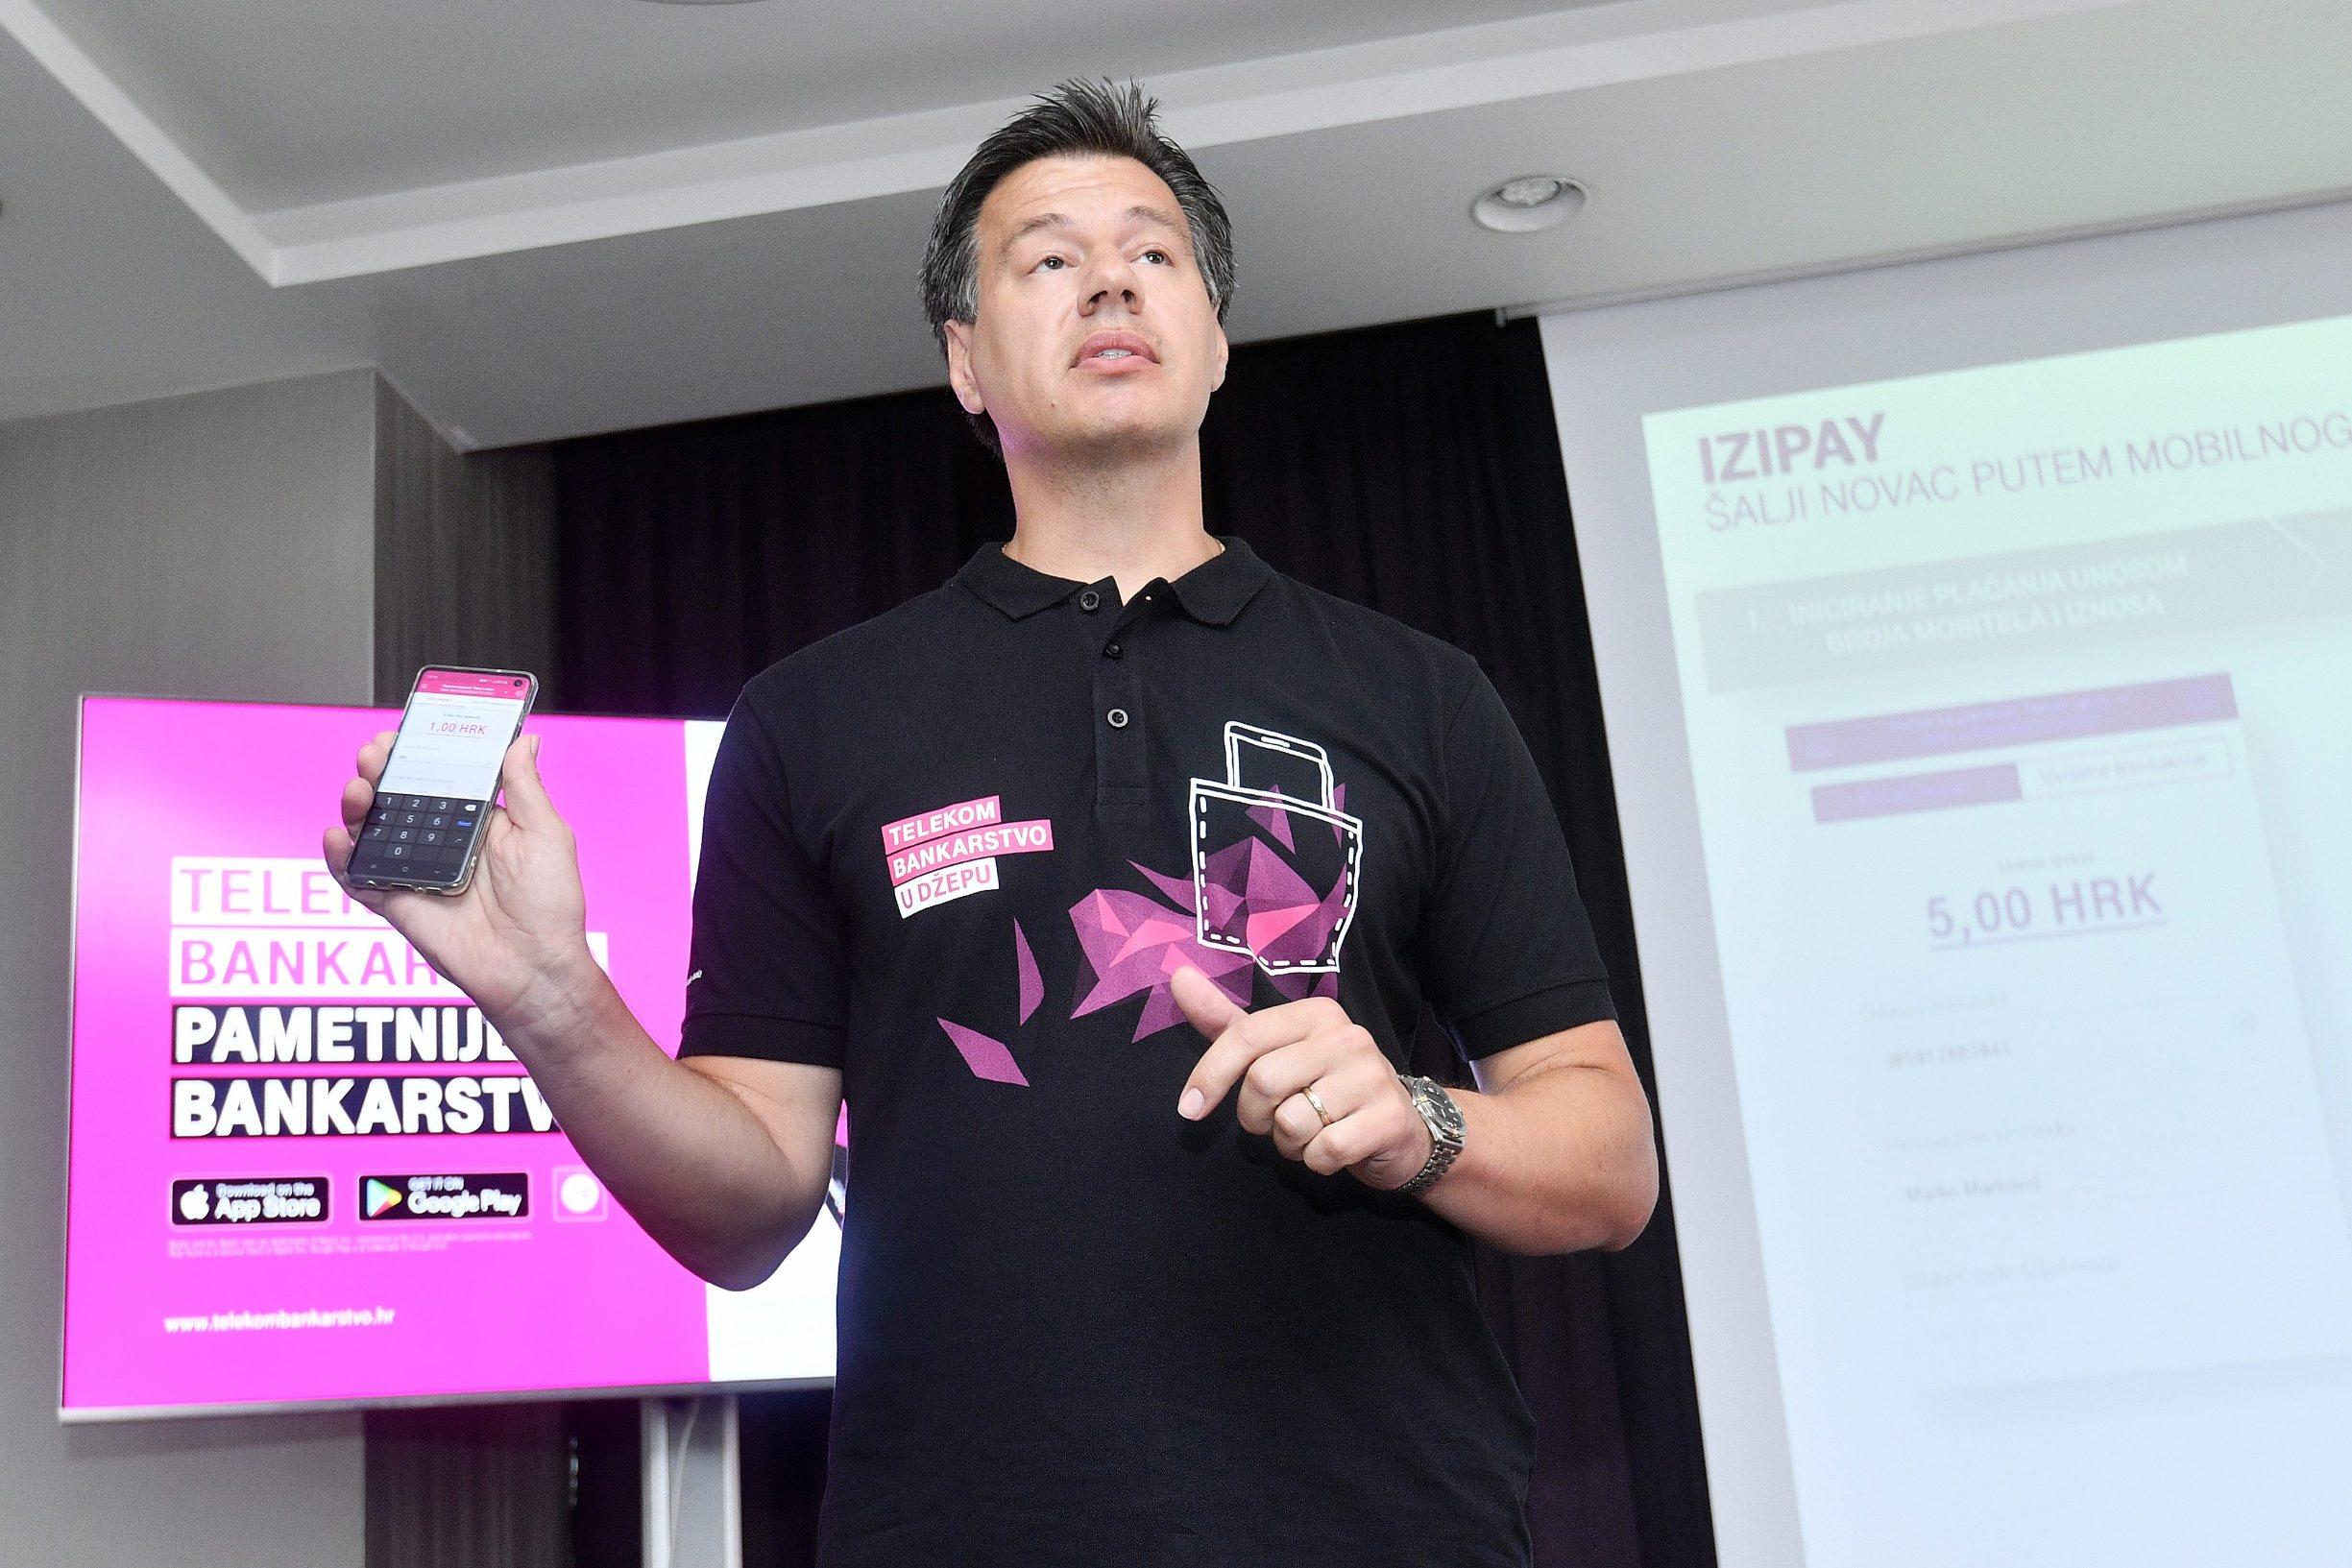 Goran Lončarić, direktor projekta Telekom Bankarstva u Hrvatskom Telekomu